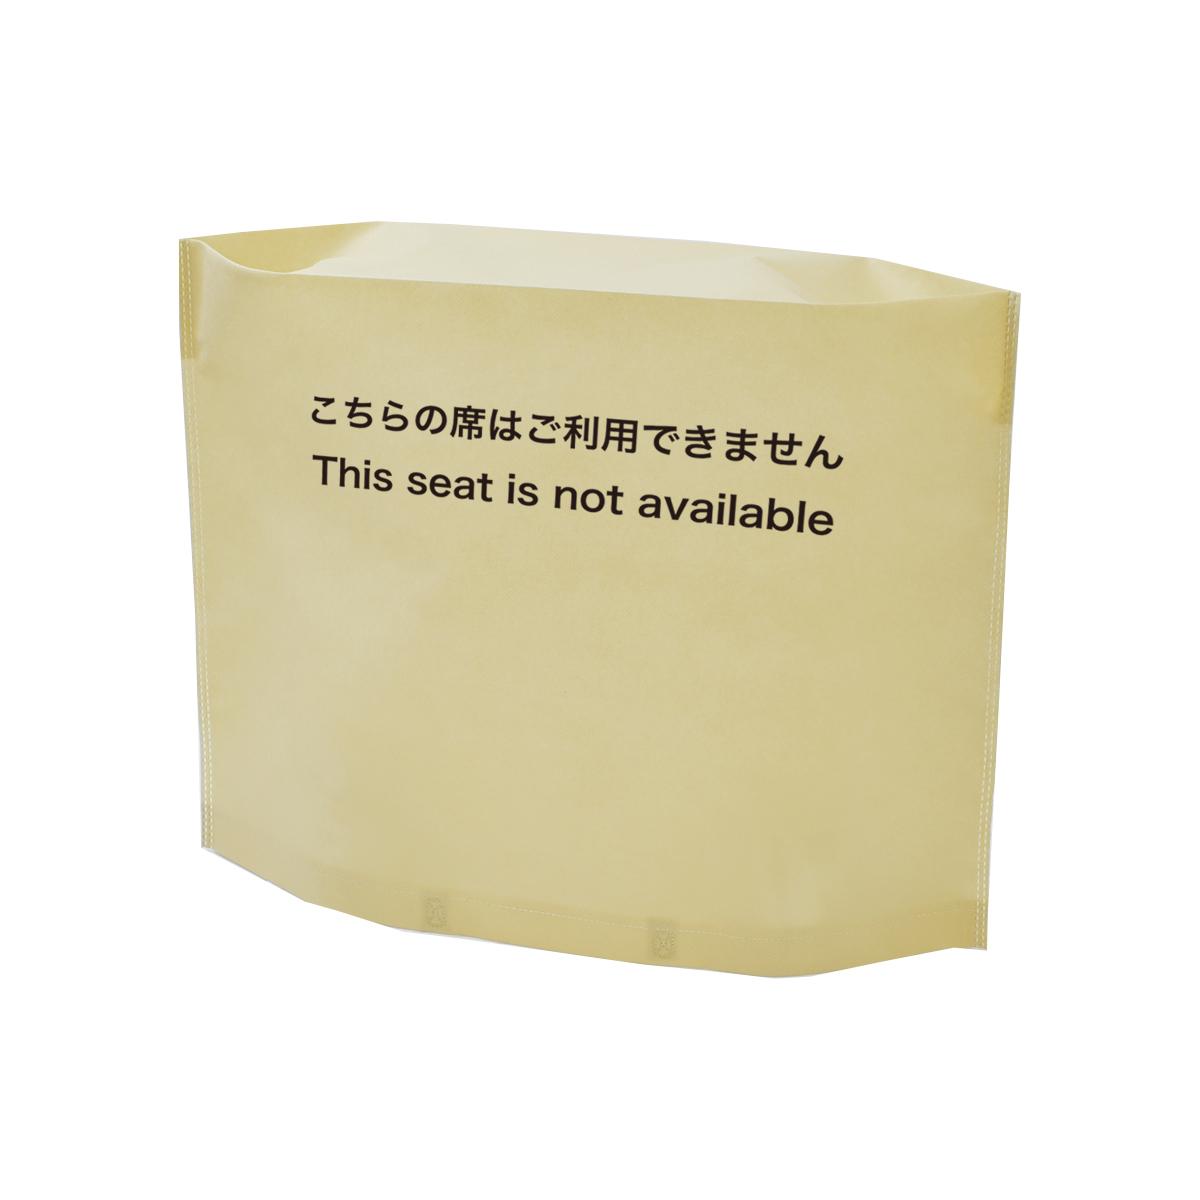 不織布製椅子カバー / 角型 小 ベージュ